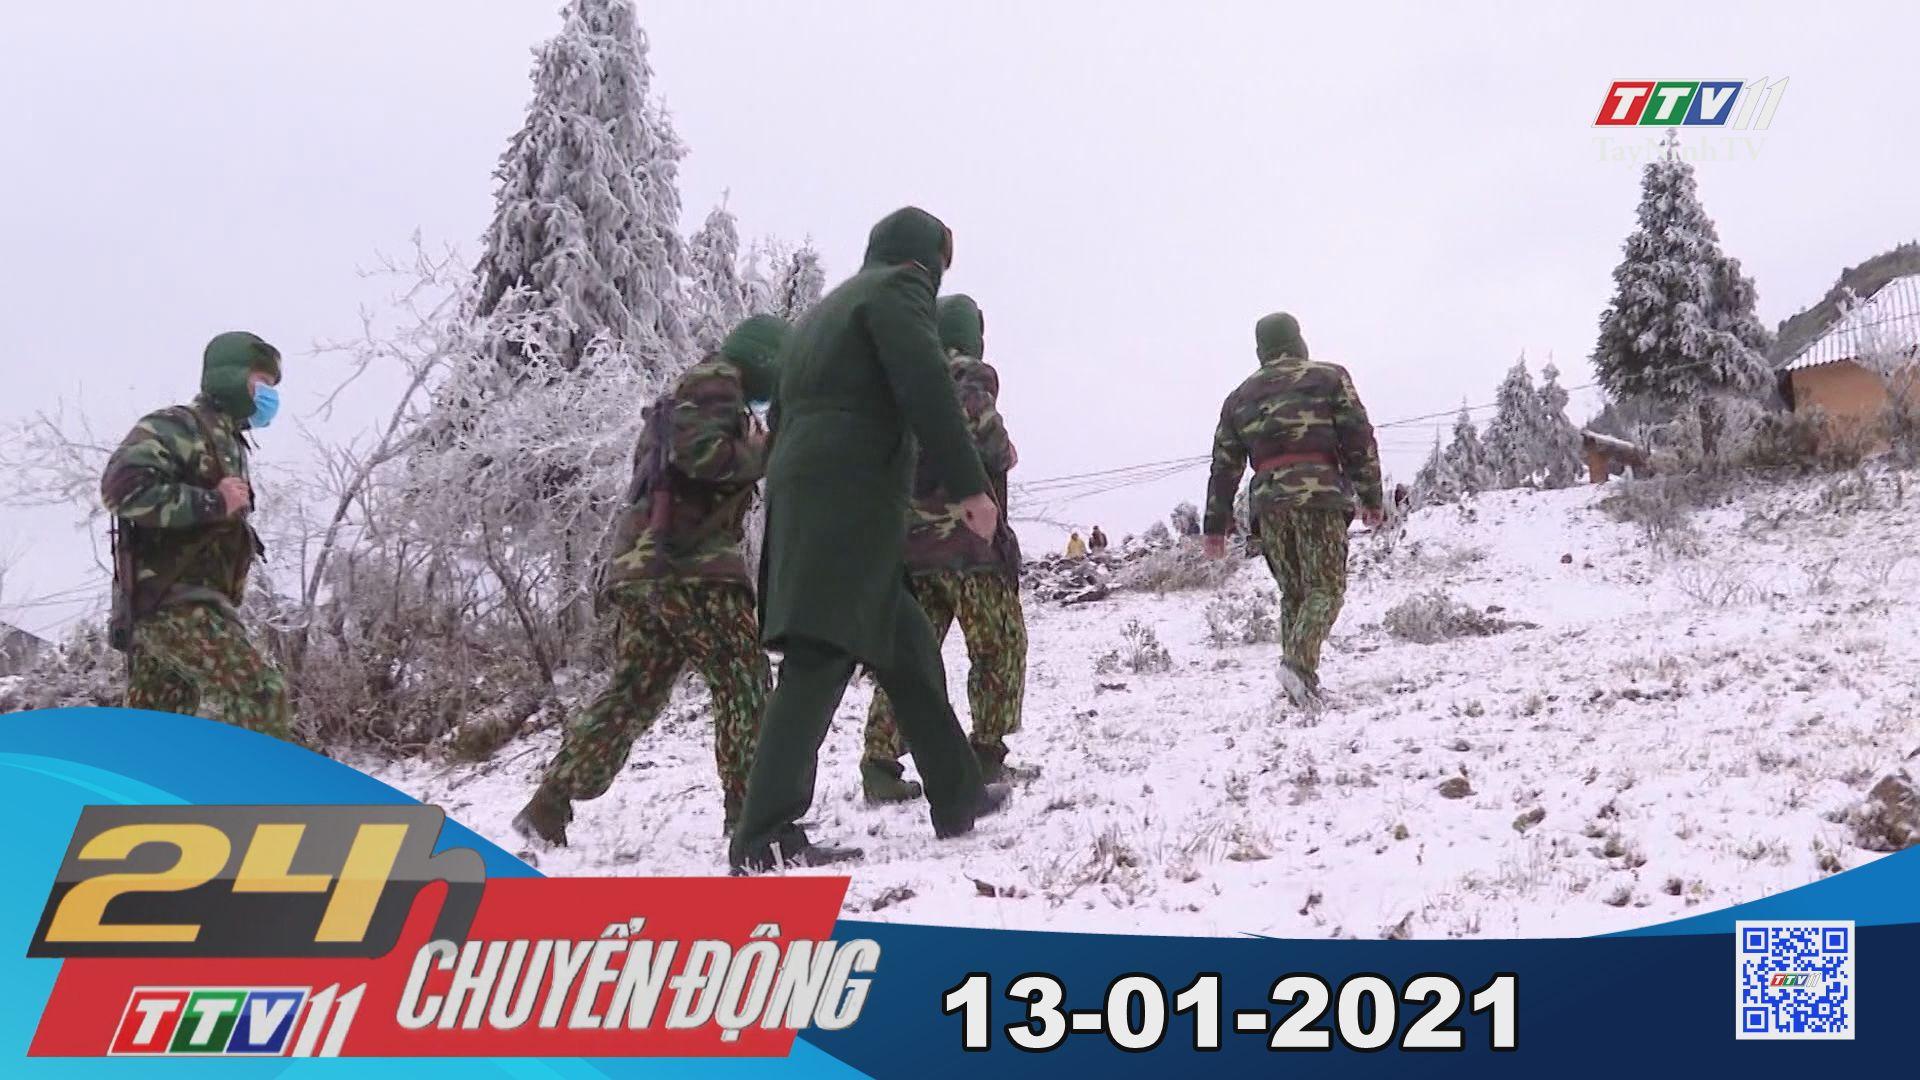 24h Chuyển động 13-01-2021 | Tin tức hôm nay | TayNinhTV